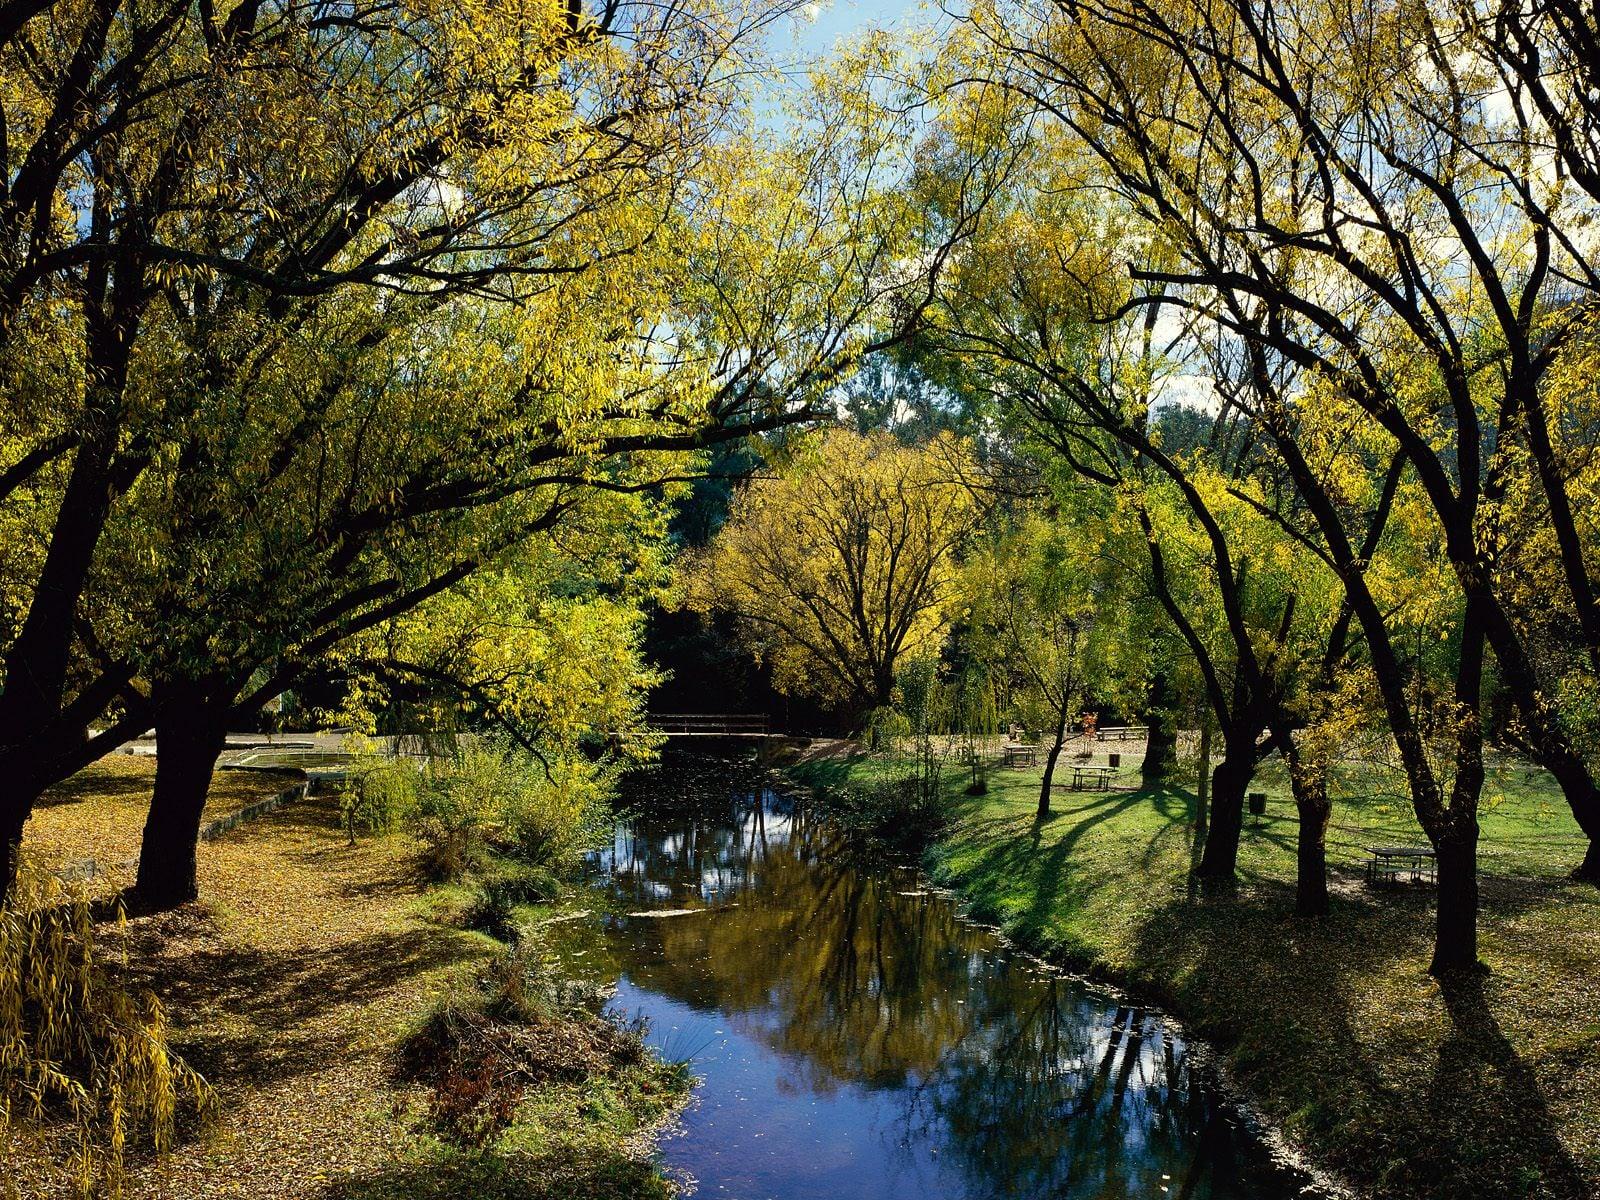 Ağaçlar Arasında Akan Nehir